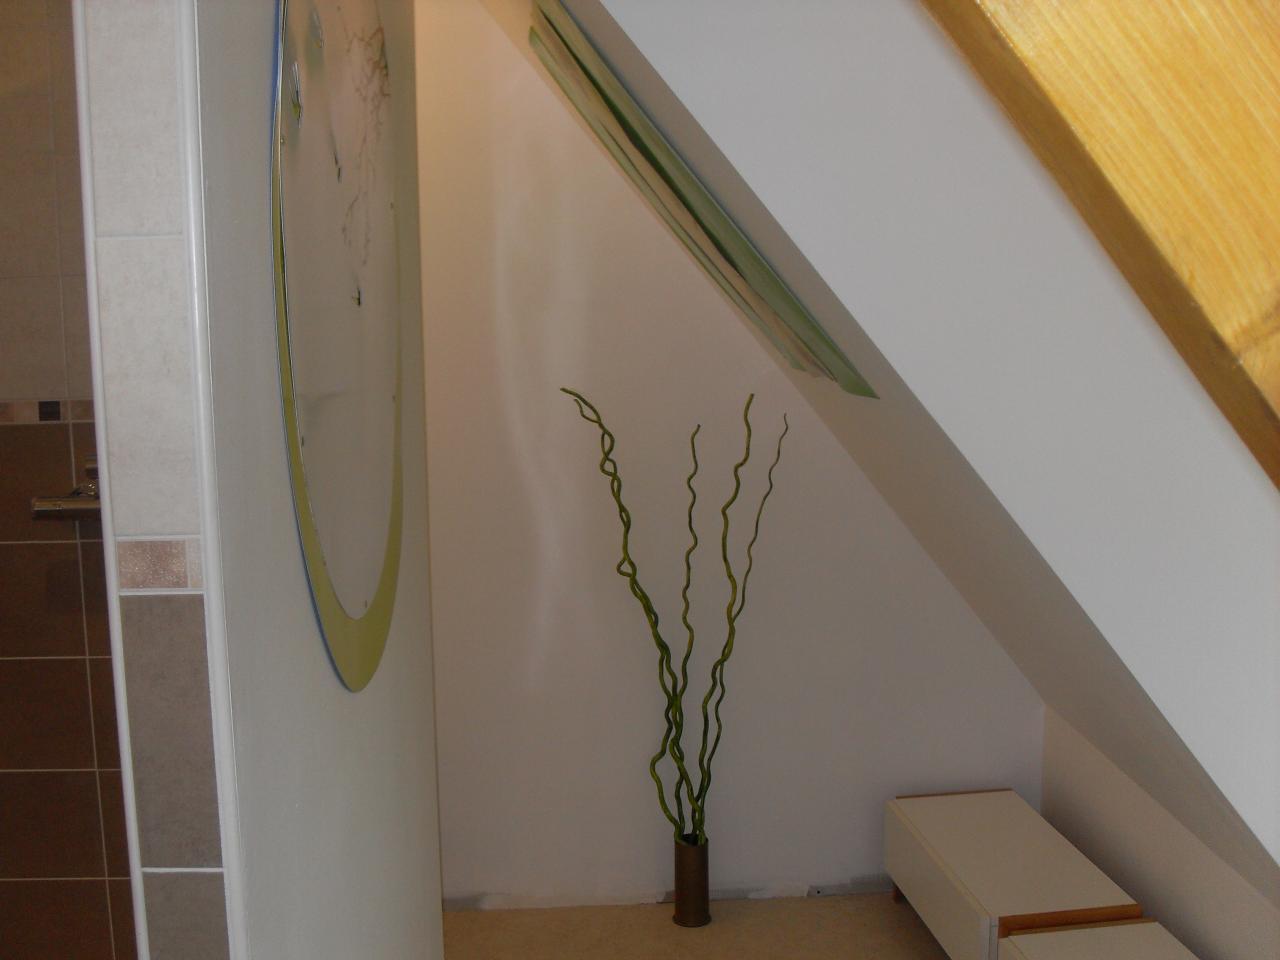 Salle de bain haut for Mitigeur haut salle de bain